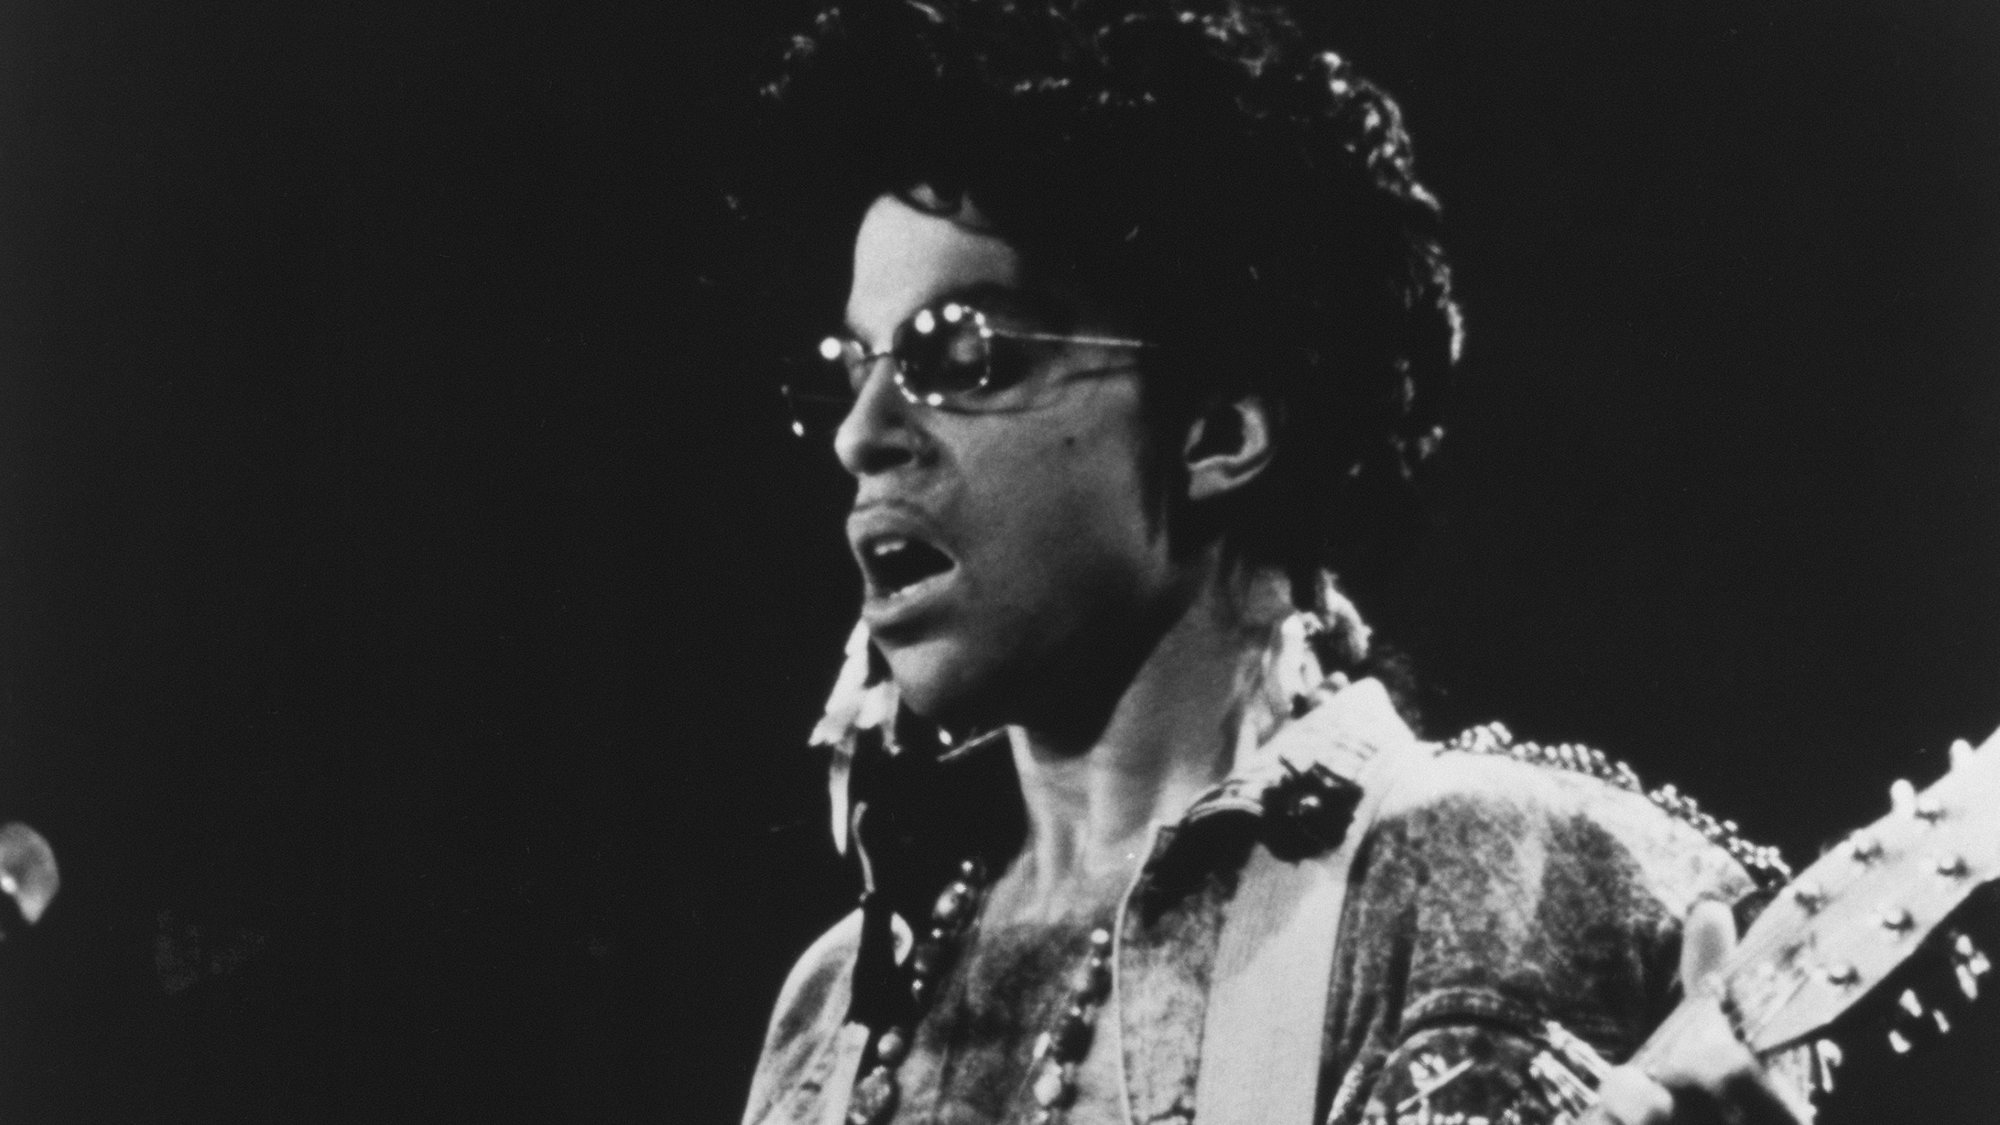 Prince: Sign o' the Times